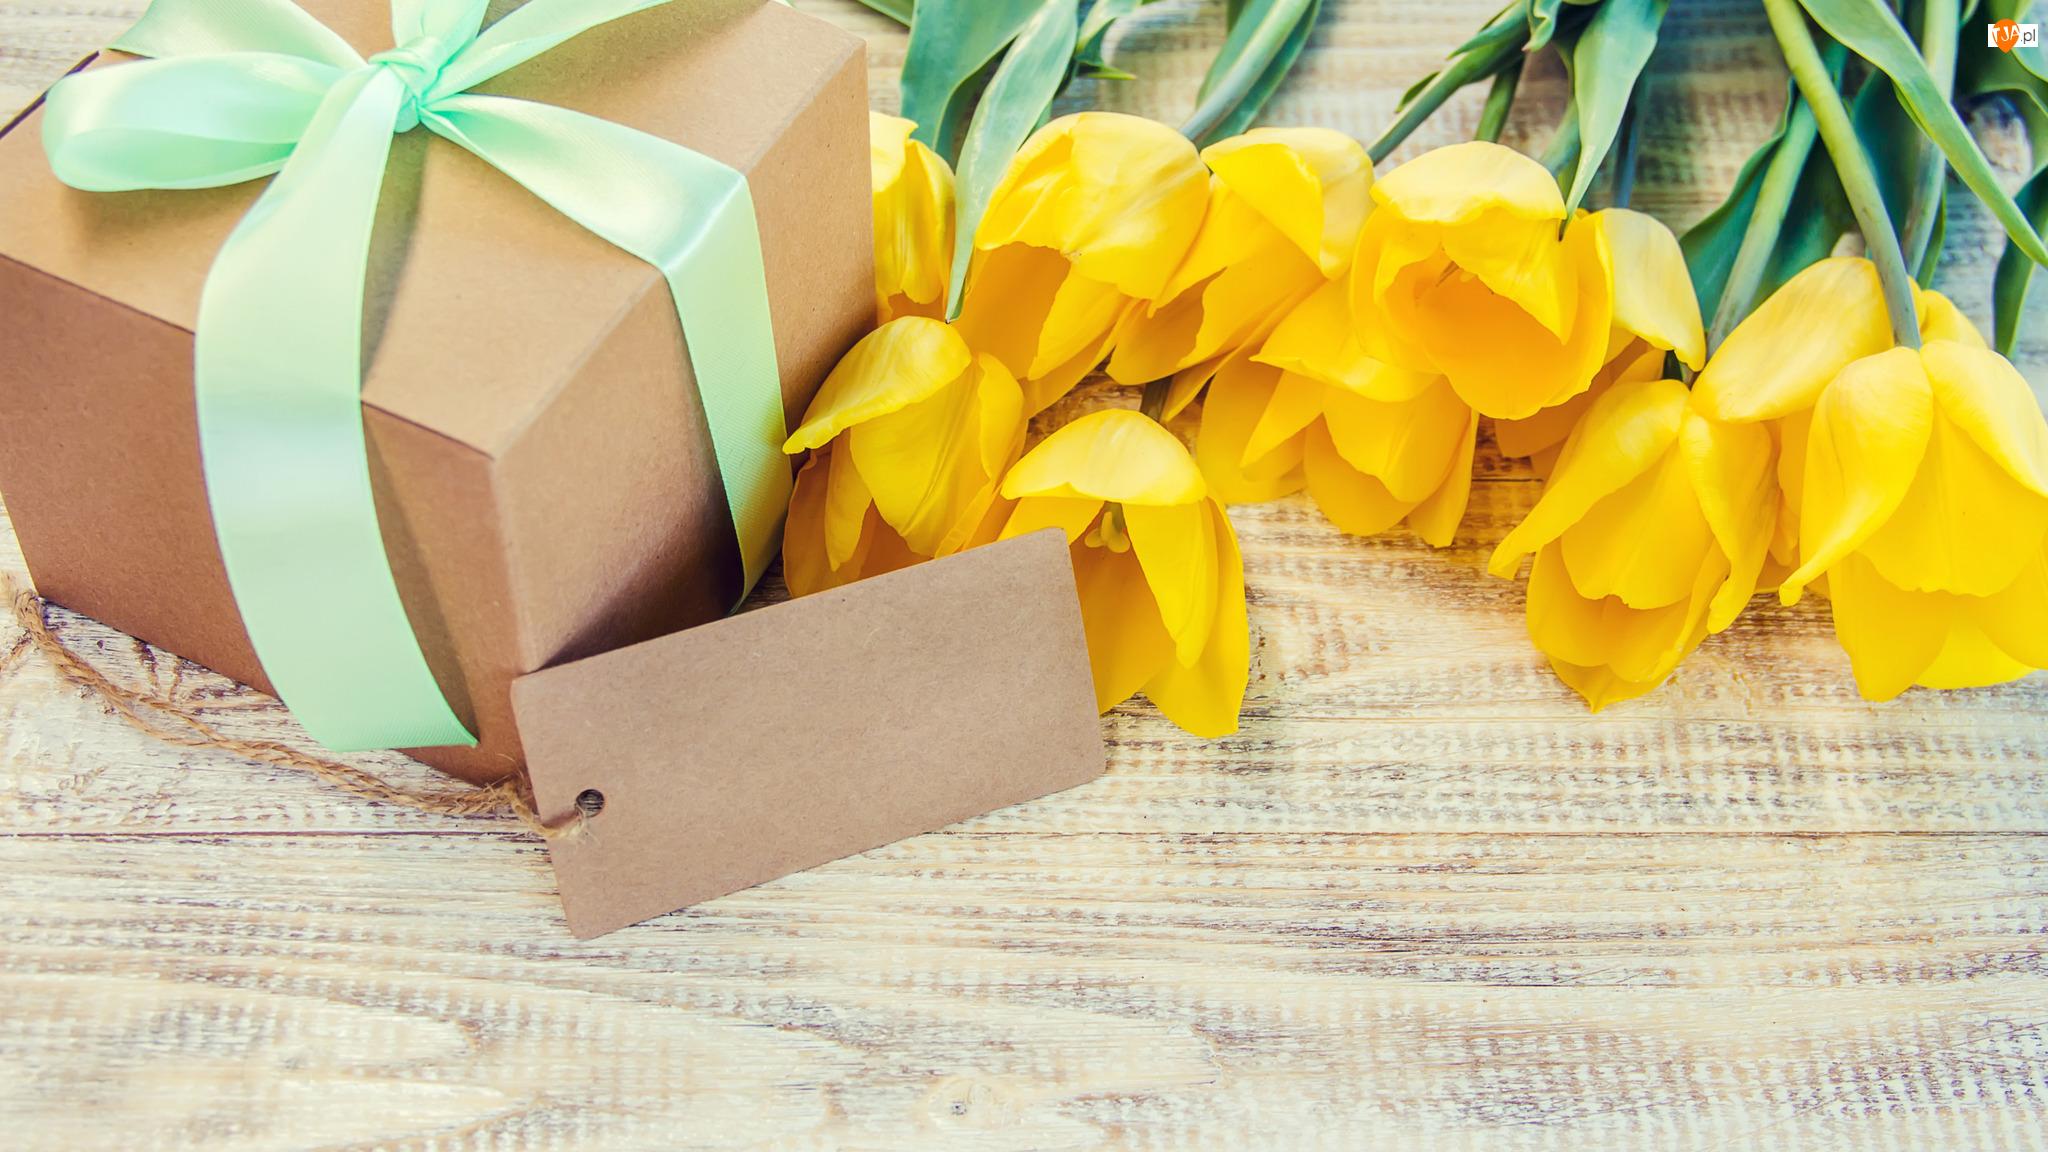 Karteczka, Żółte, Tulipany, Prezent